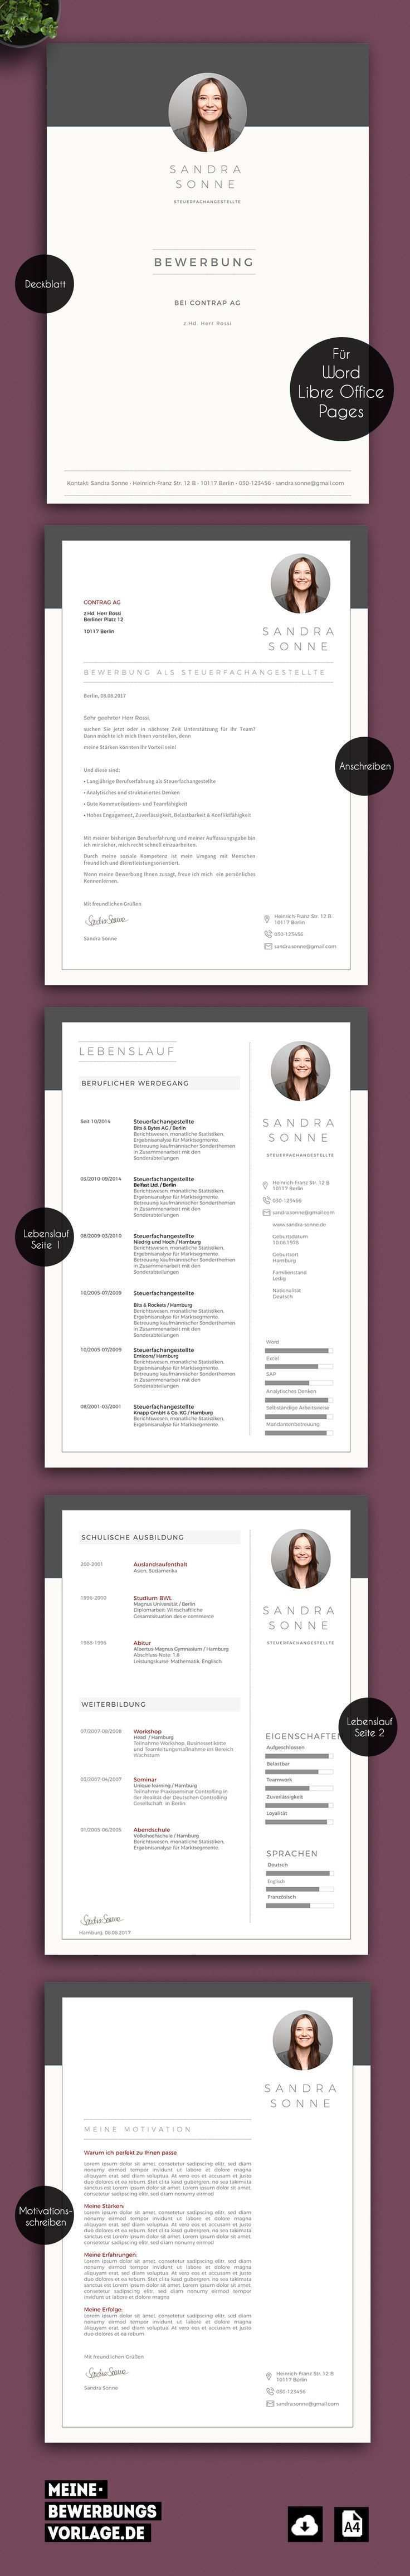 Bewerbung Jobsuche Template Vorlage Bewerbungsvorlage Muster Cv Word Pages Apple Bewerbung Anschreiben Vorlage Lebenslauf Lebenslauf Design